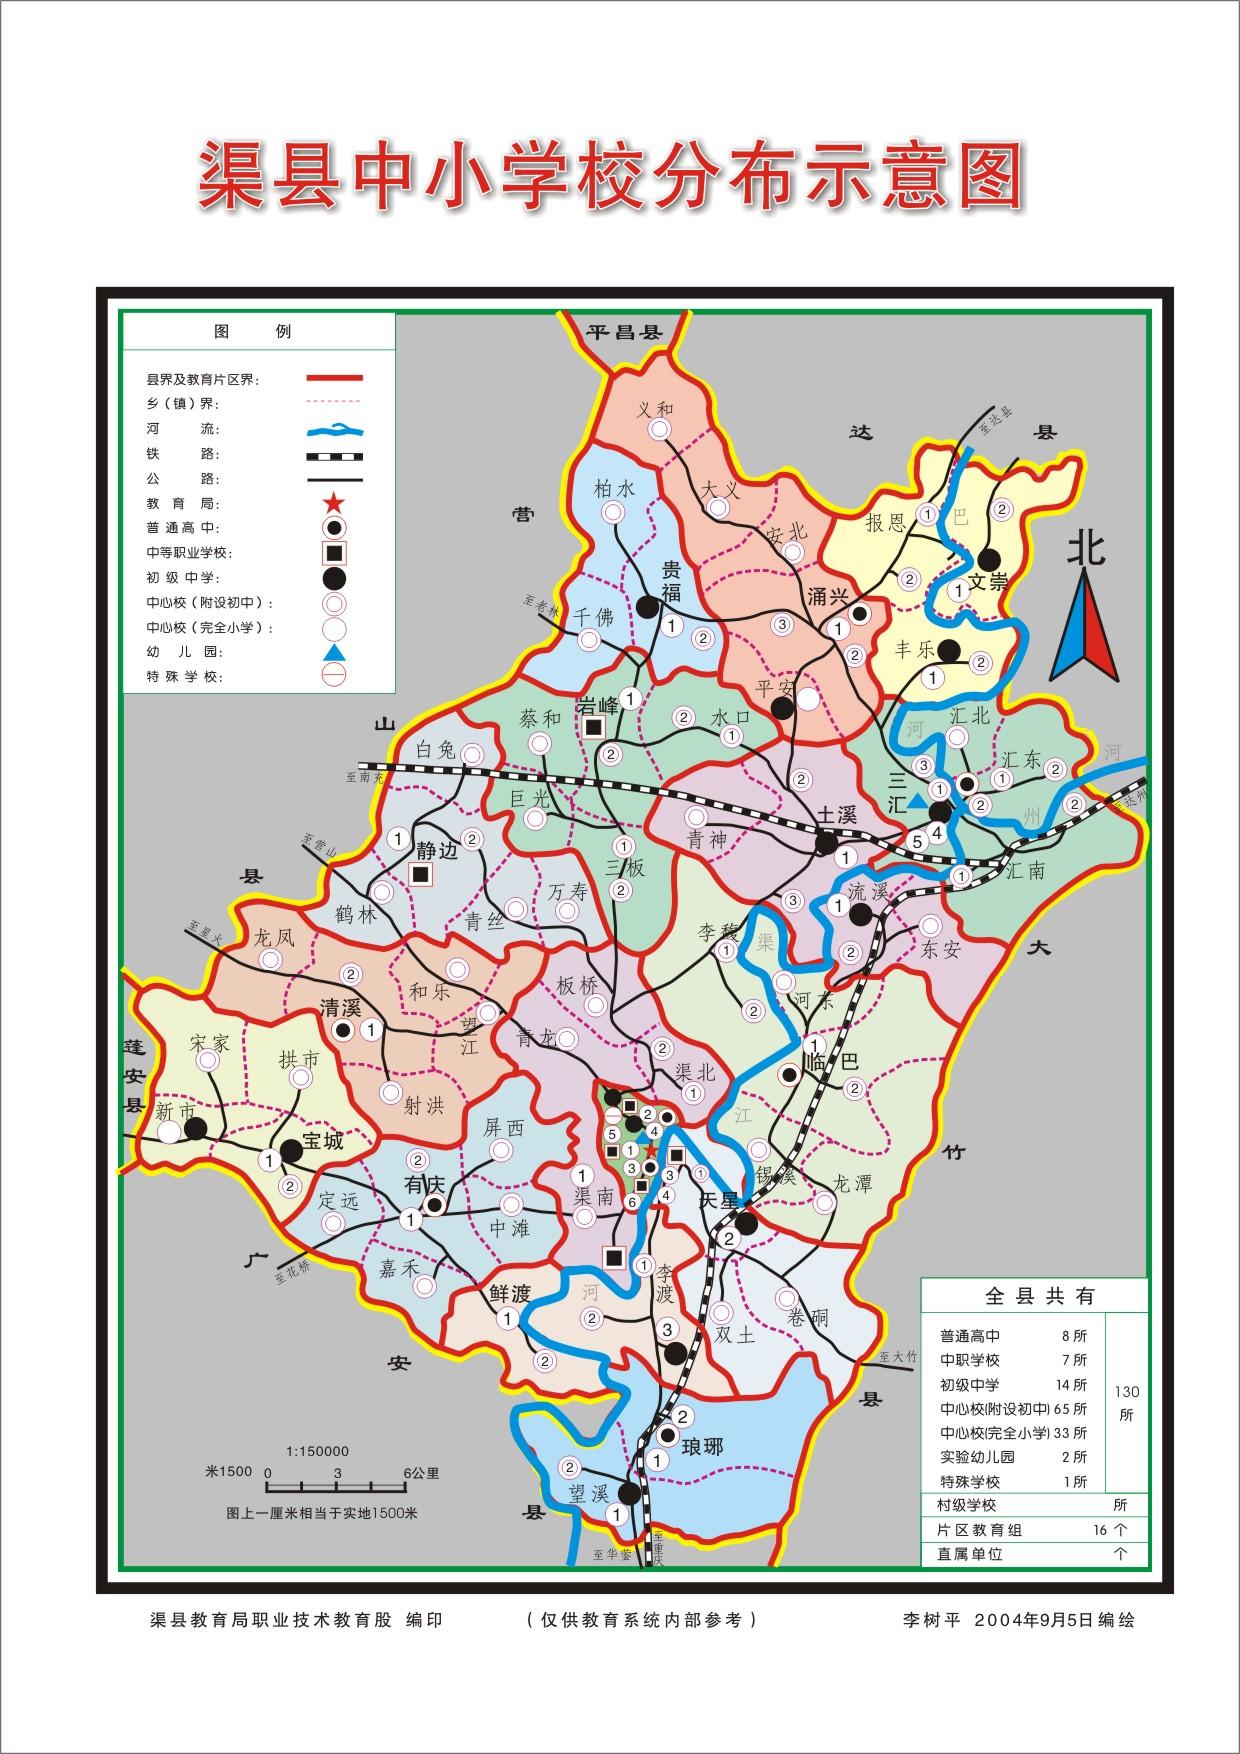 【字体:小大】【收藏】【复制文章】【打印文章】         渠县地图